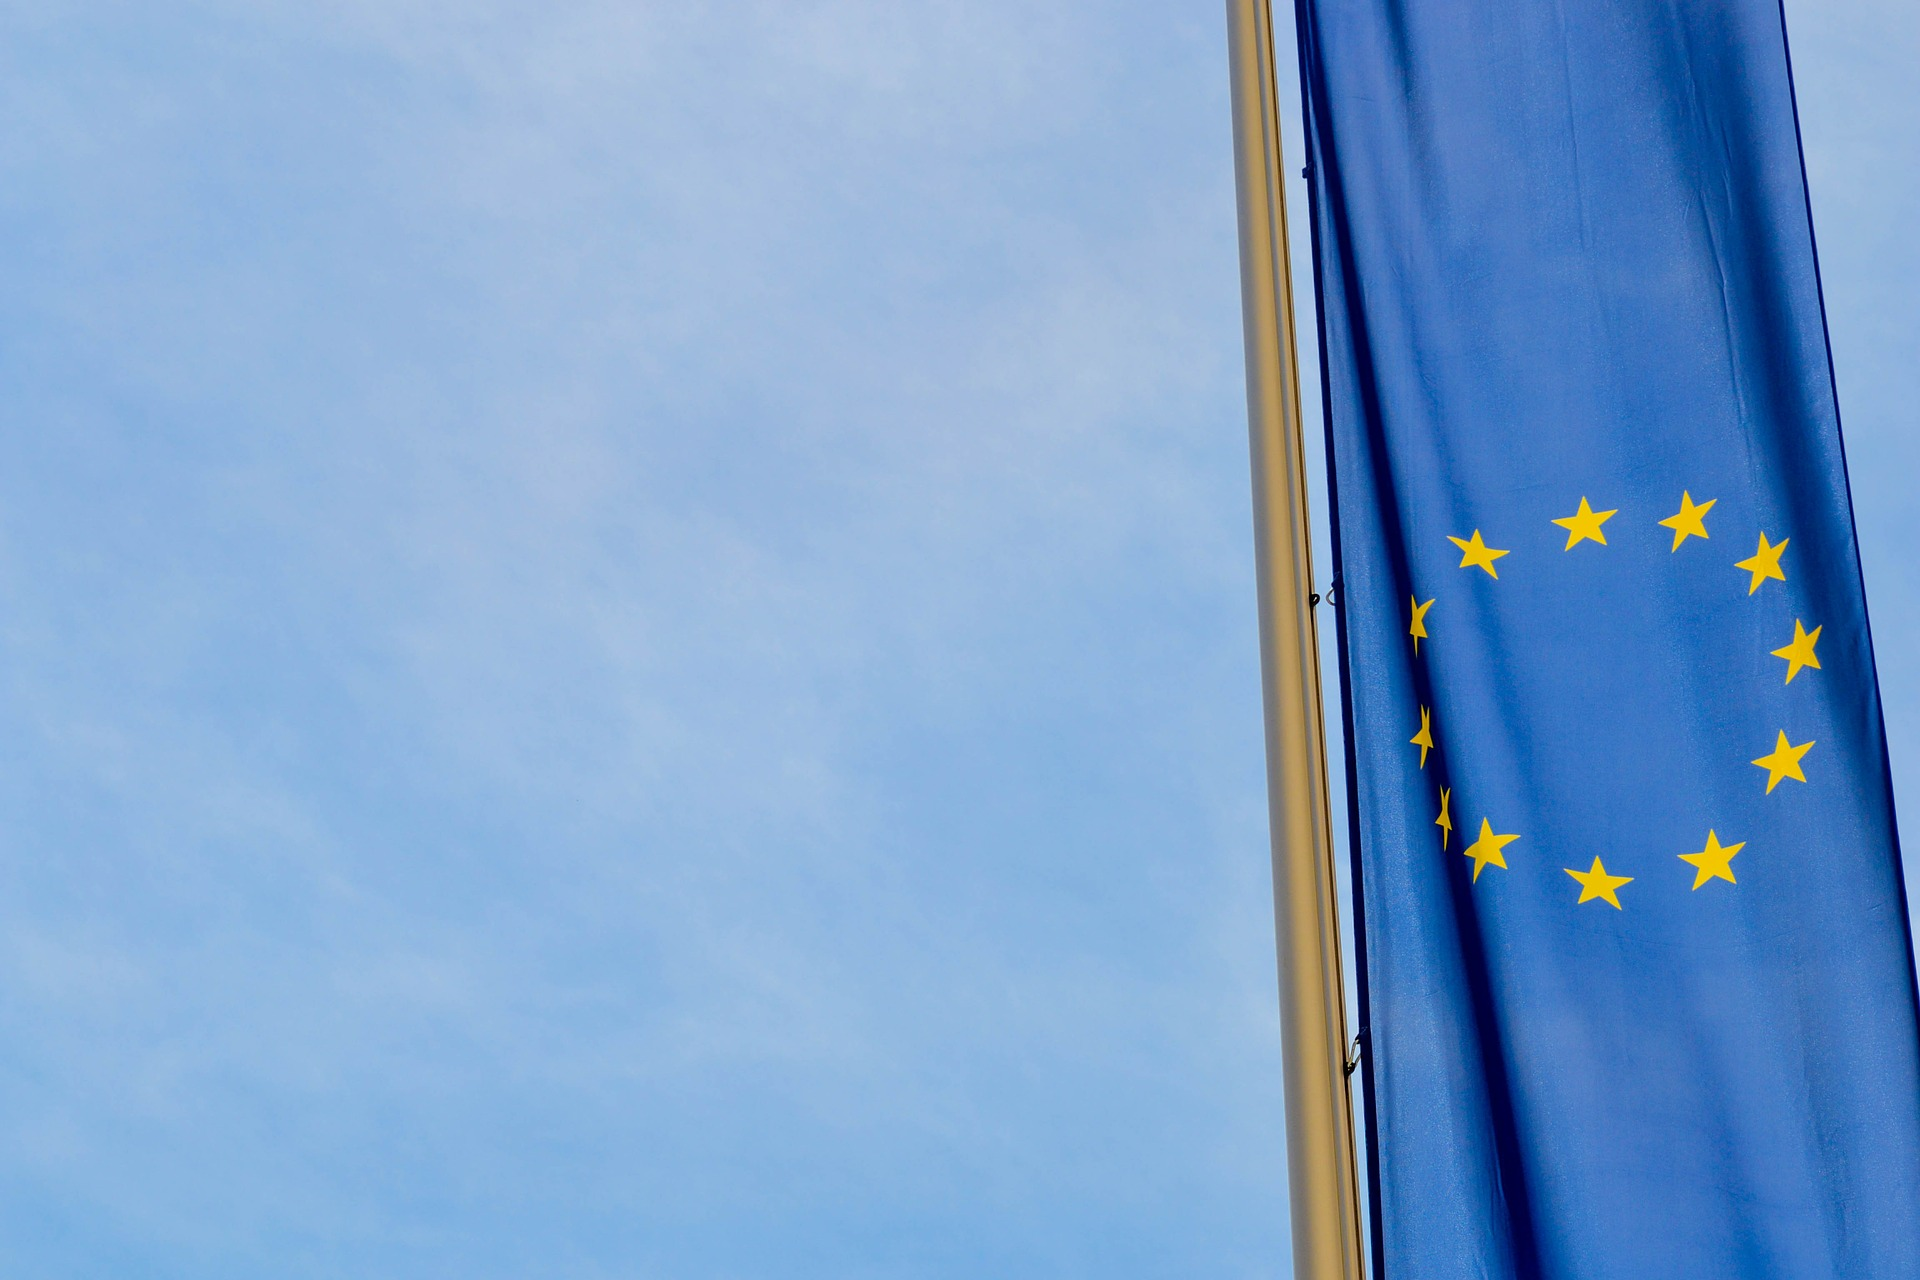 Еврокомиссару Боррелю поручили представить проект первой военной концепции ЕС